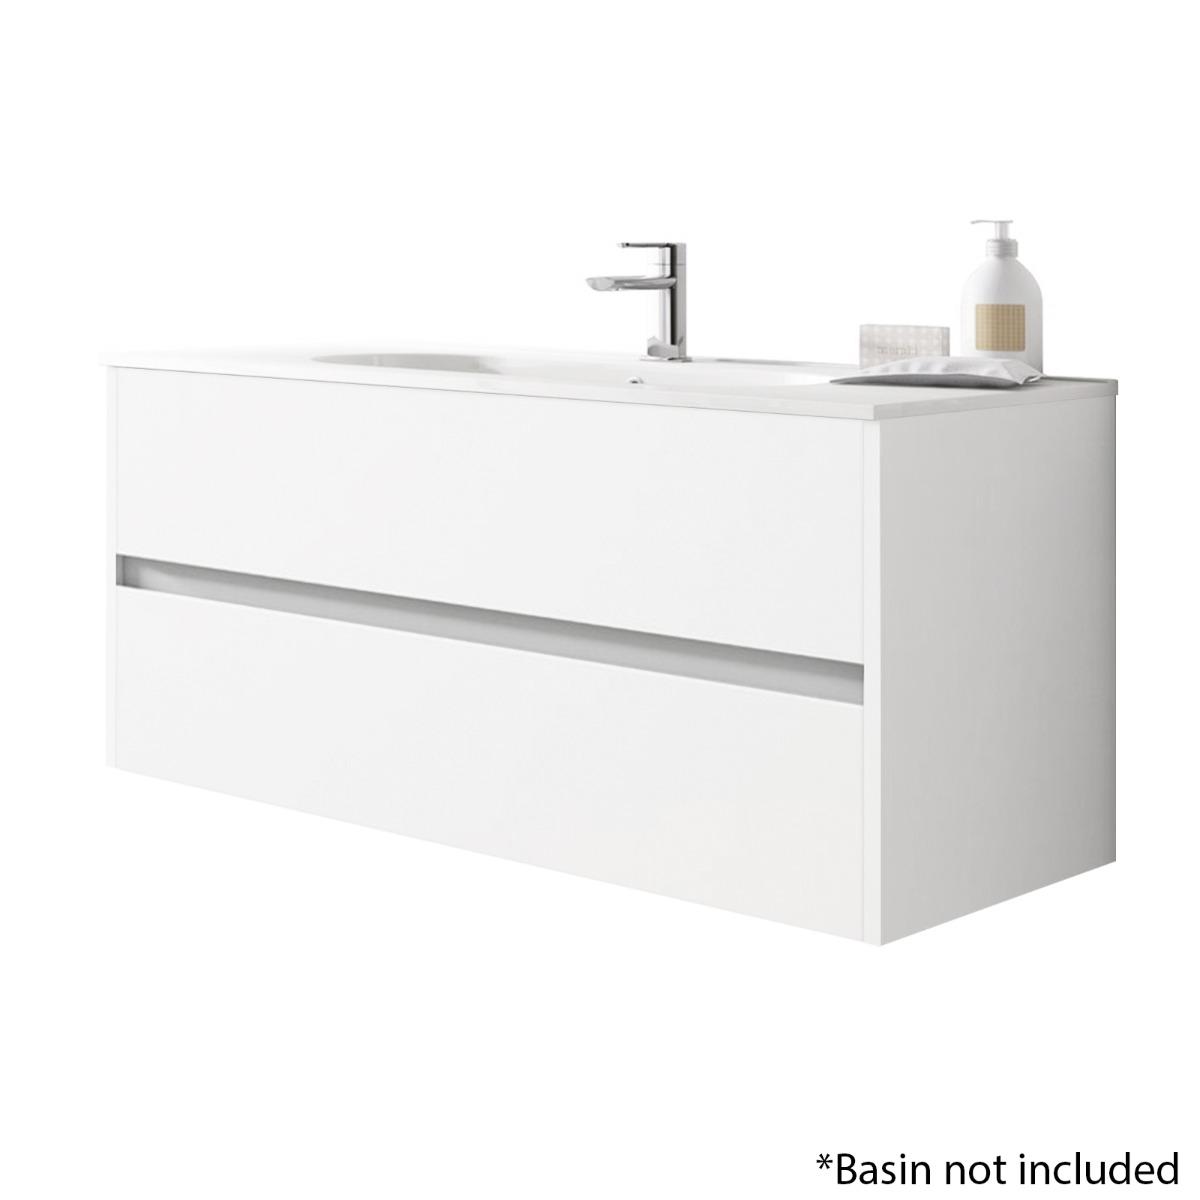 Alba 120cm 2 Drawer Basin Unit in Gloss White